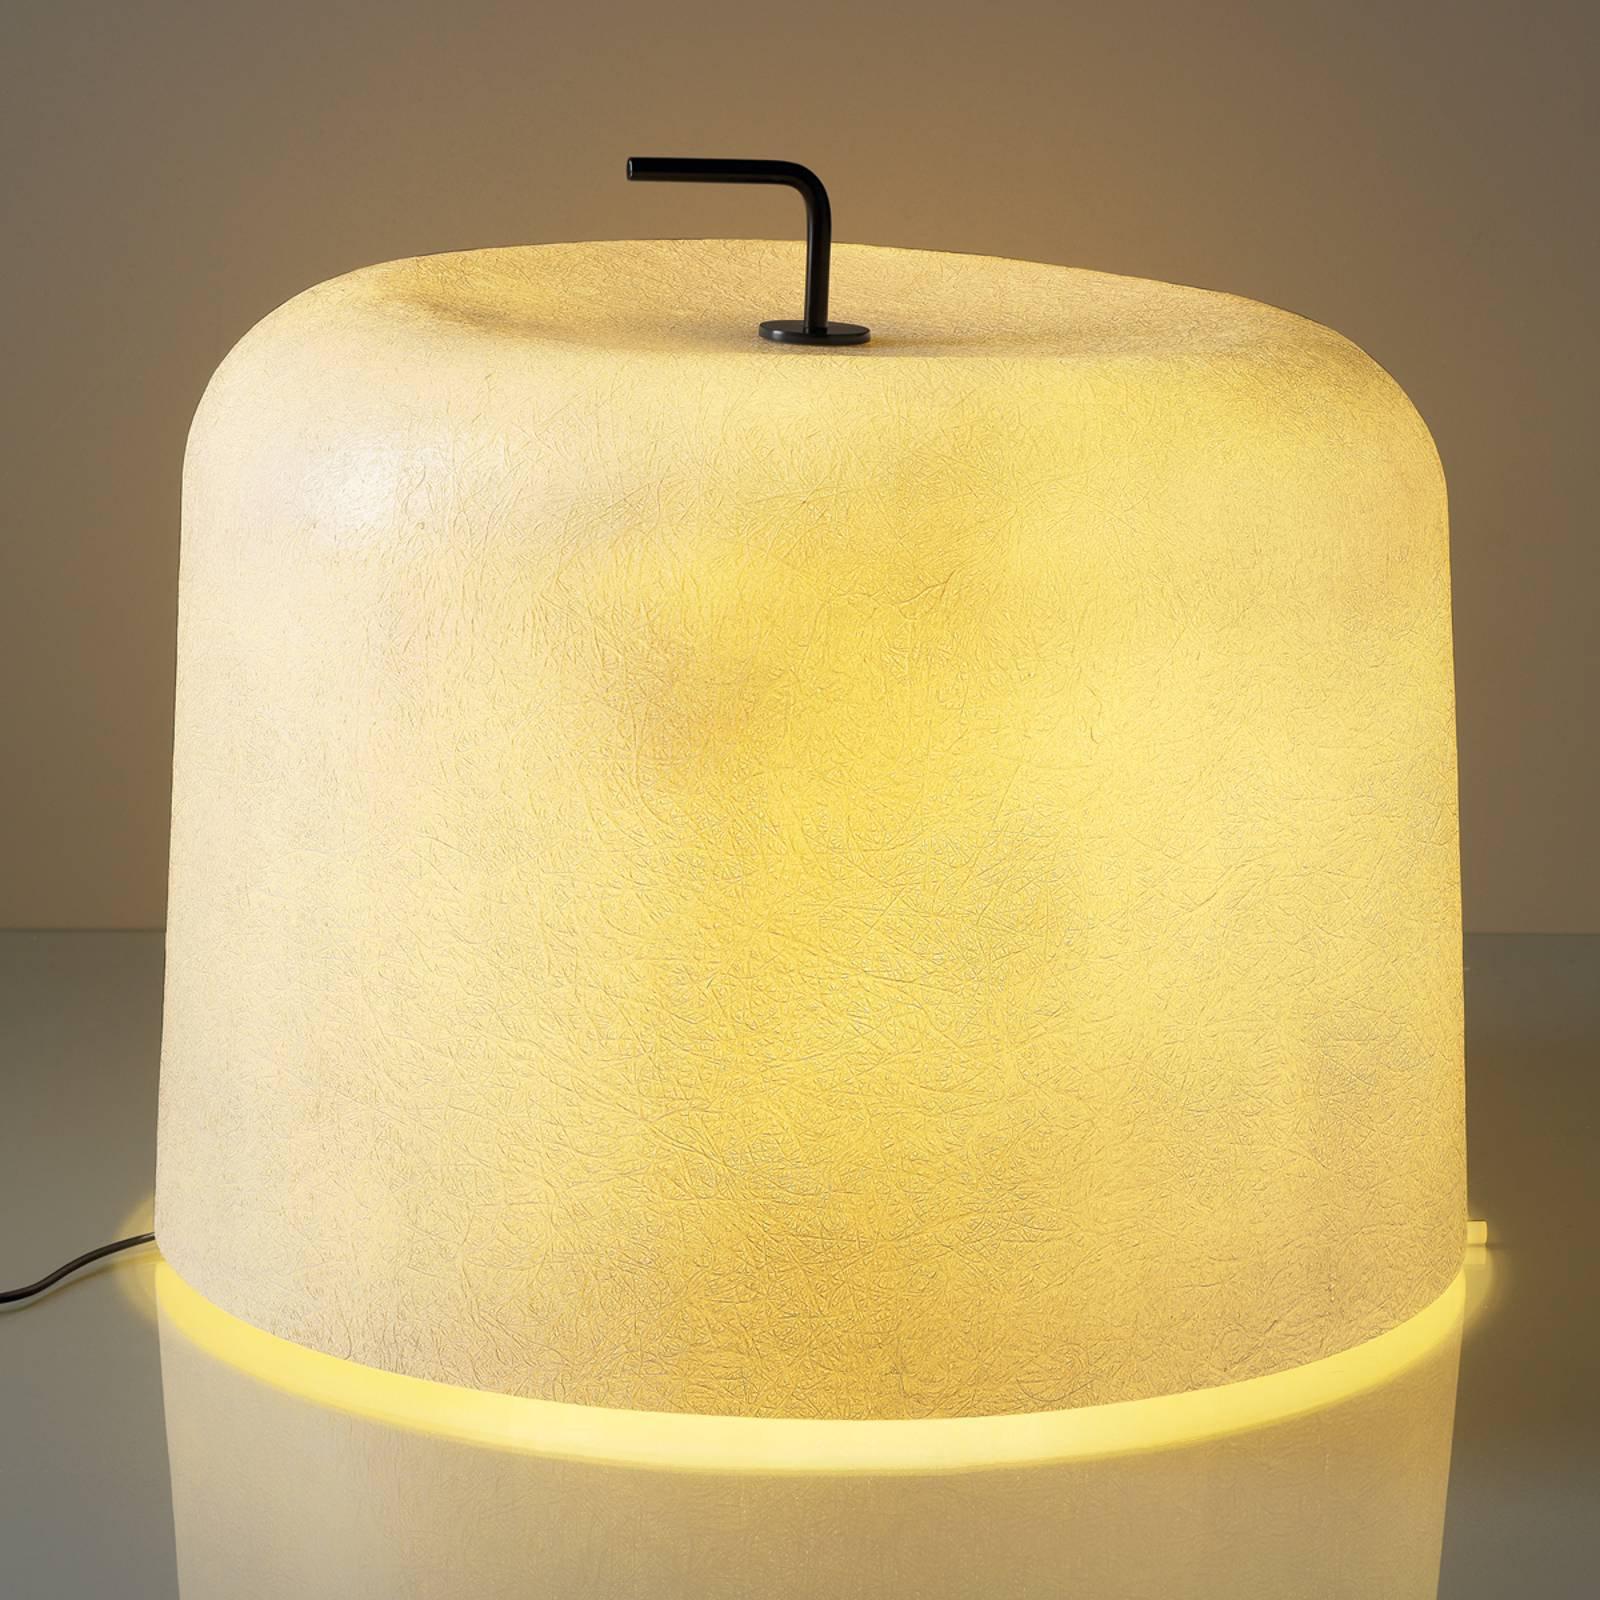 Gulvlampe Ola Move med hvit glassfiberskjerm